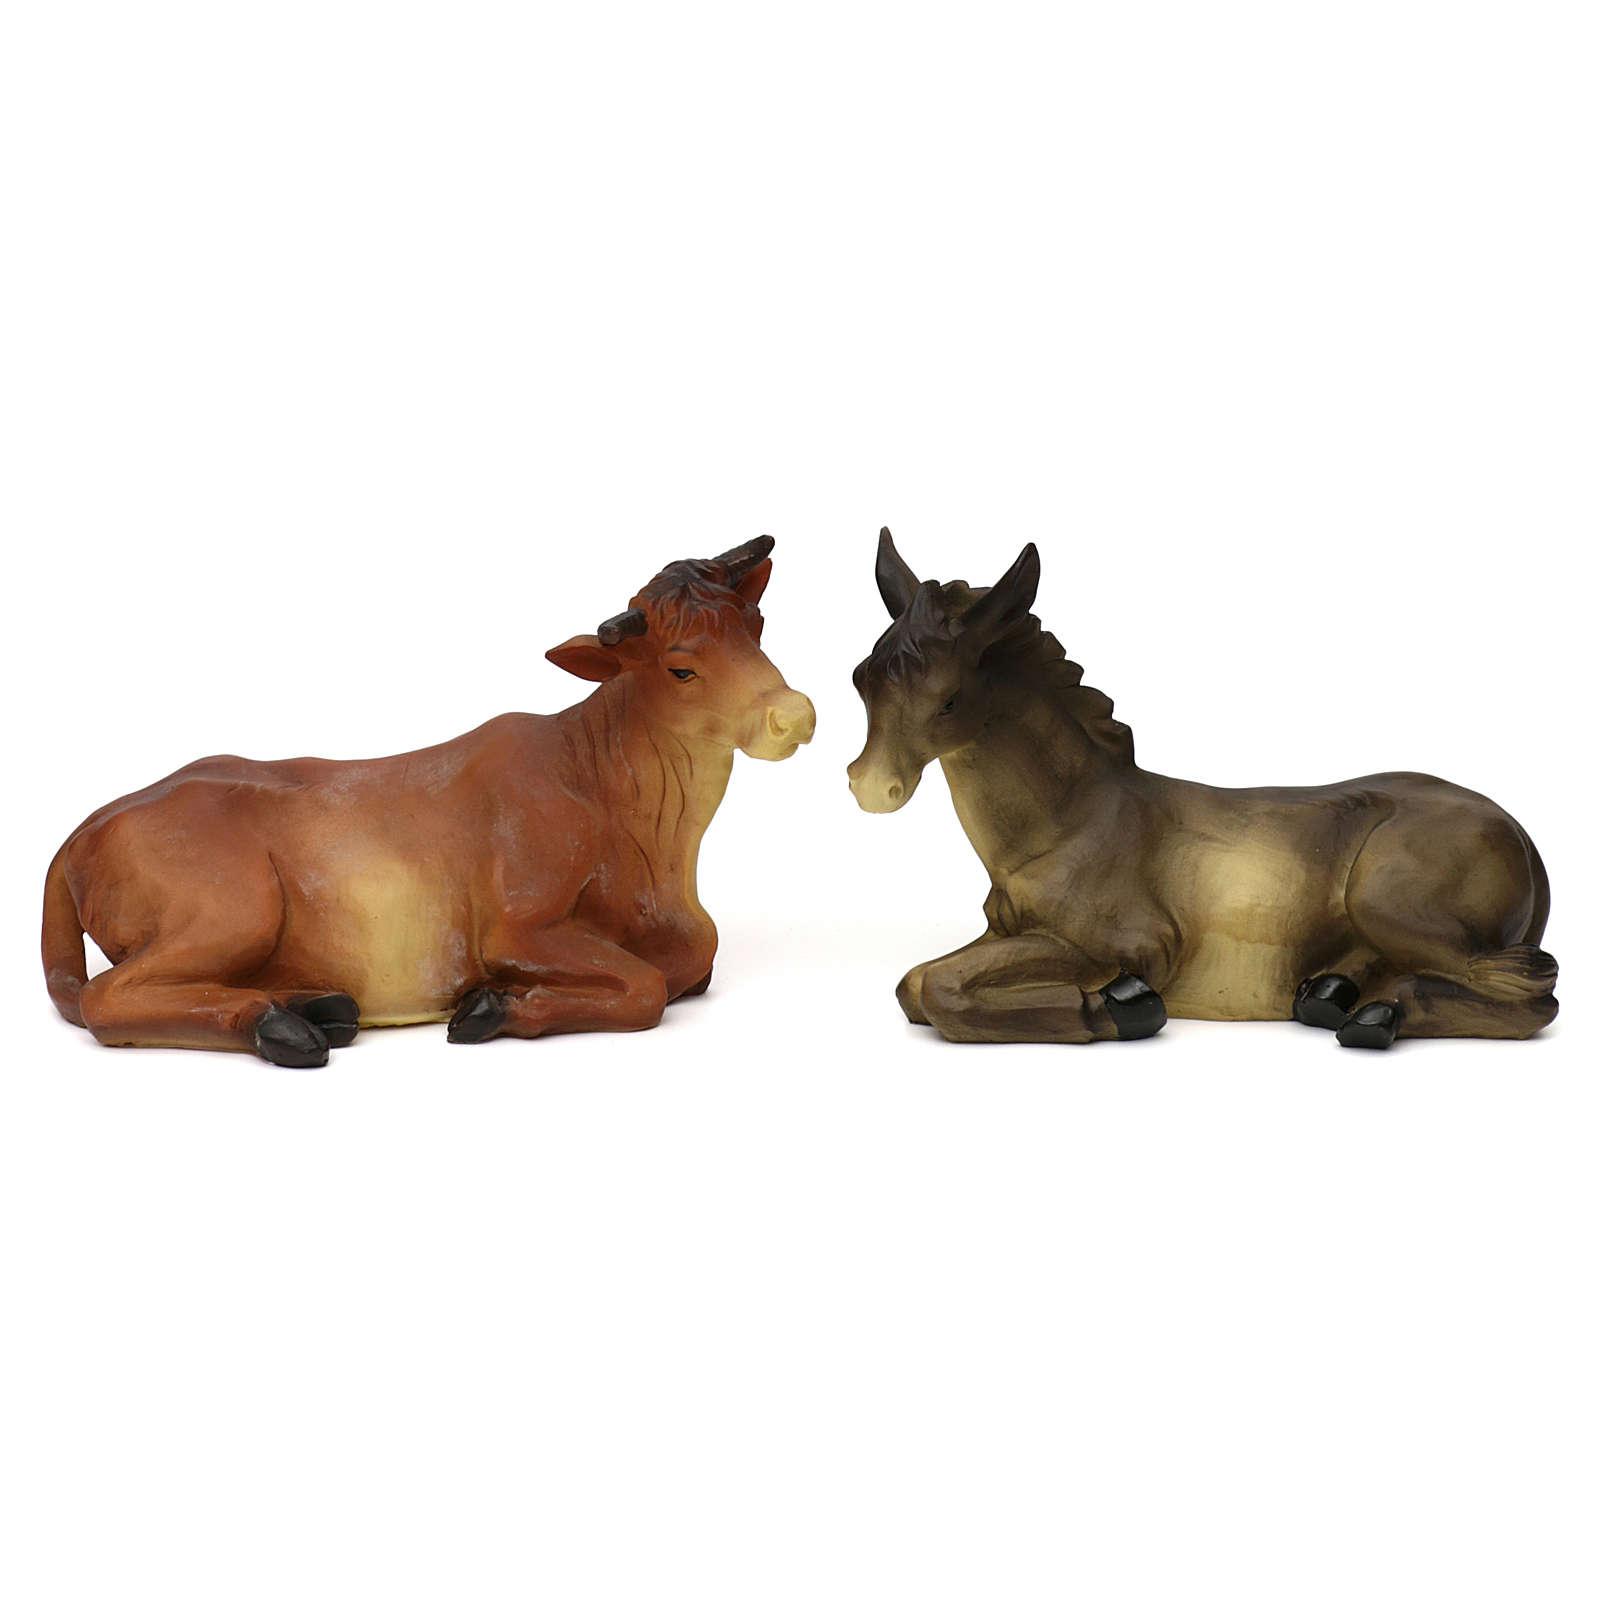 Nativity scene figurines, donkey and ox in resin for 25-30 cm Nativity scene 3